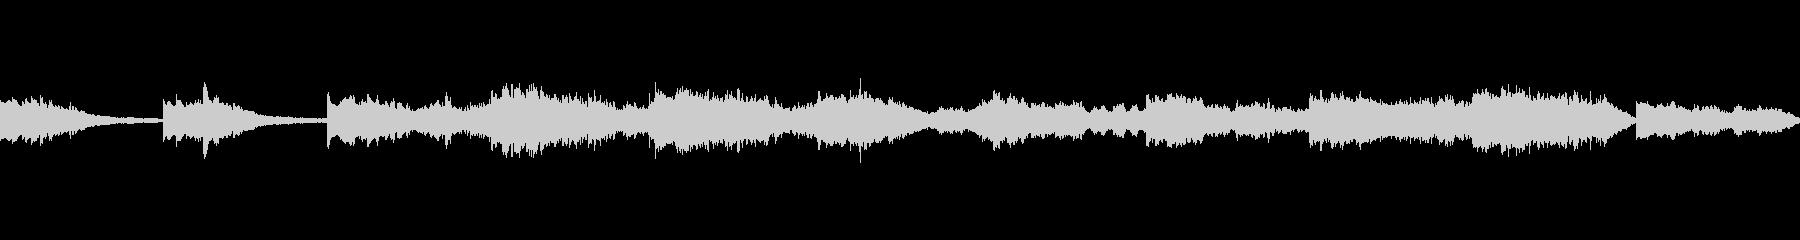 ミステリー:汎用BGM1の未再生の波形